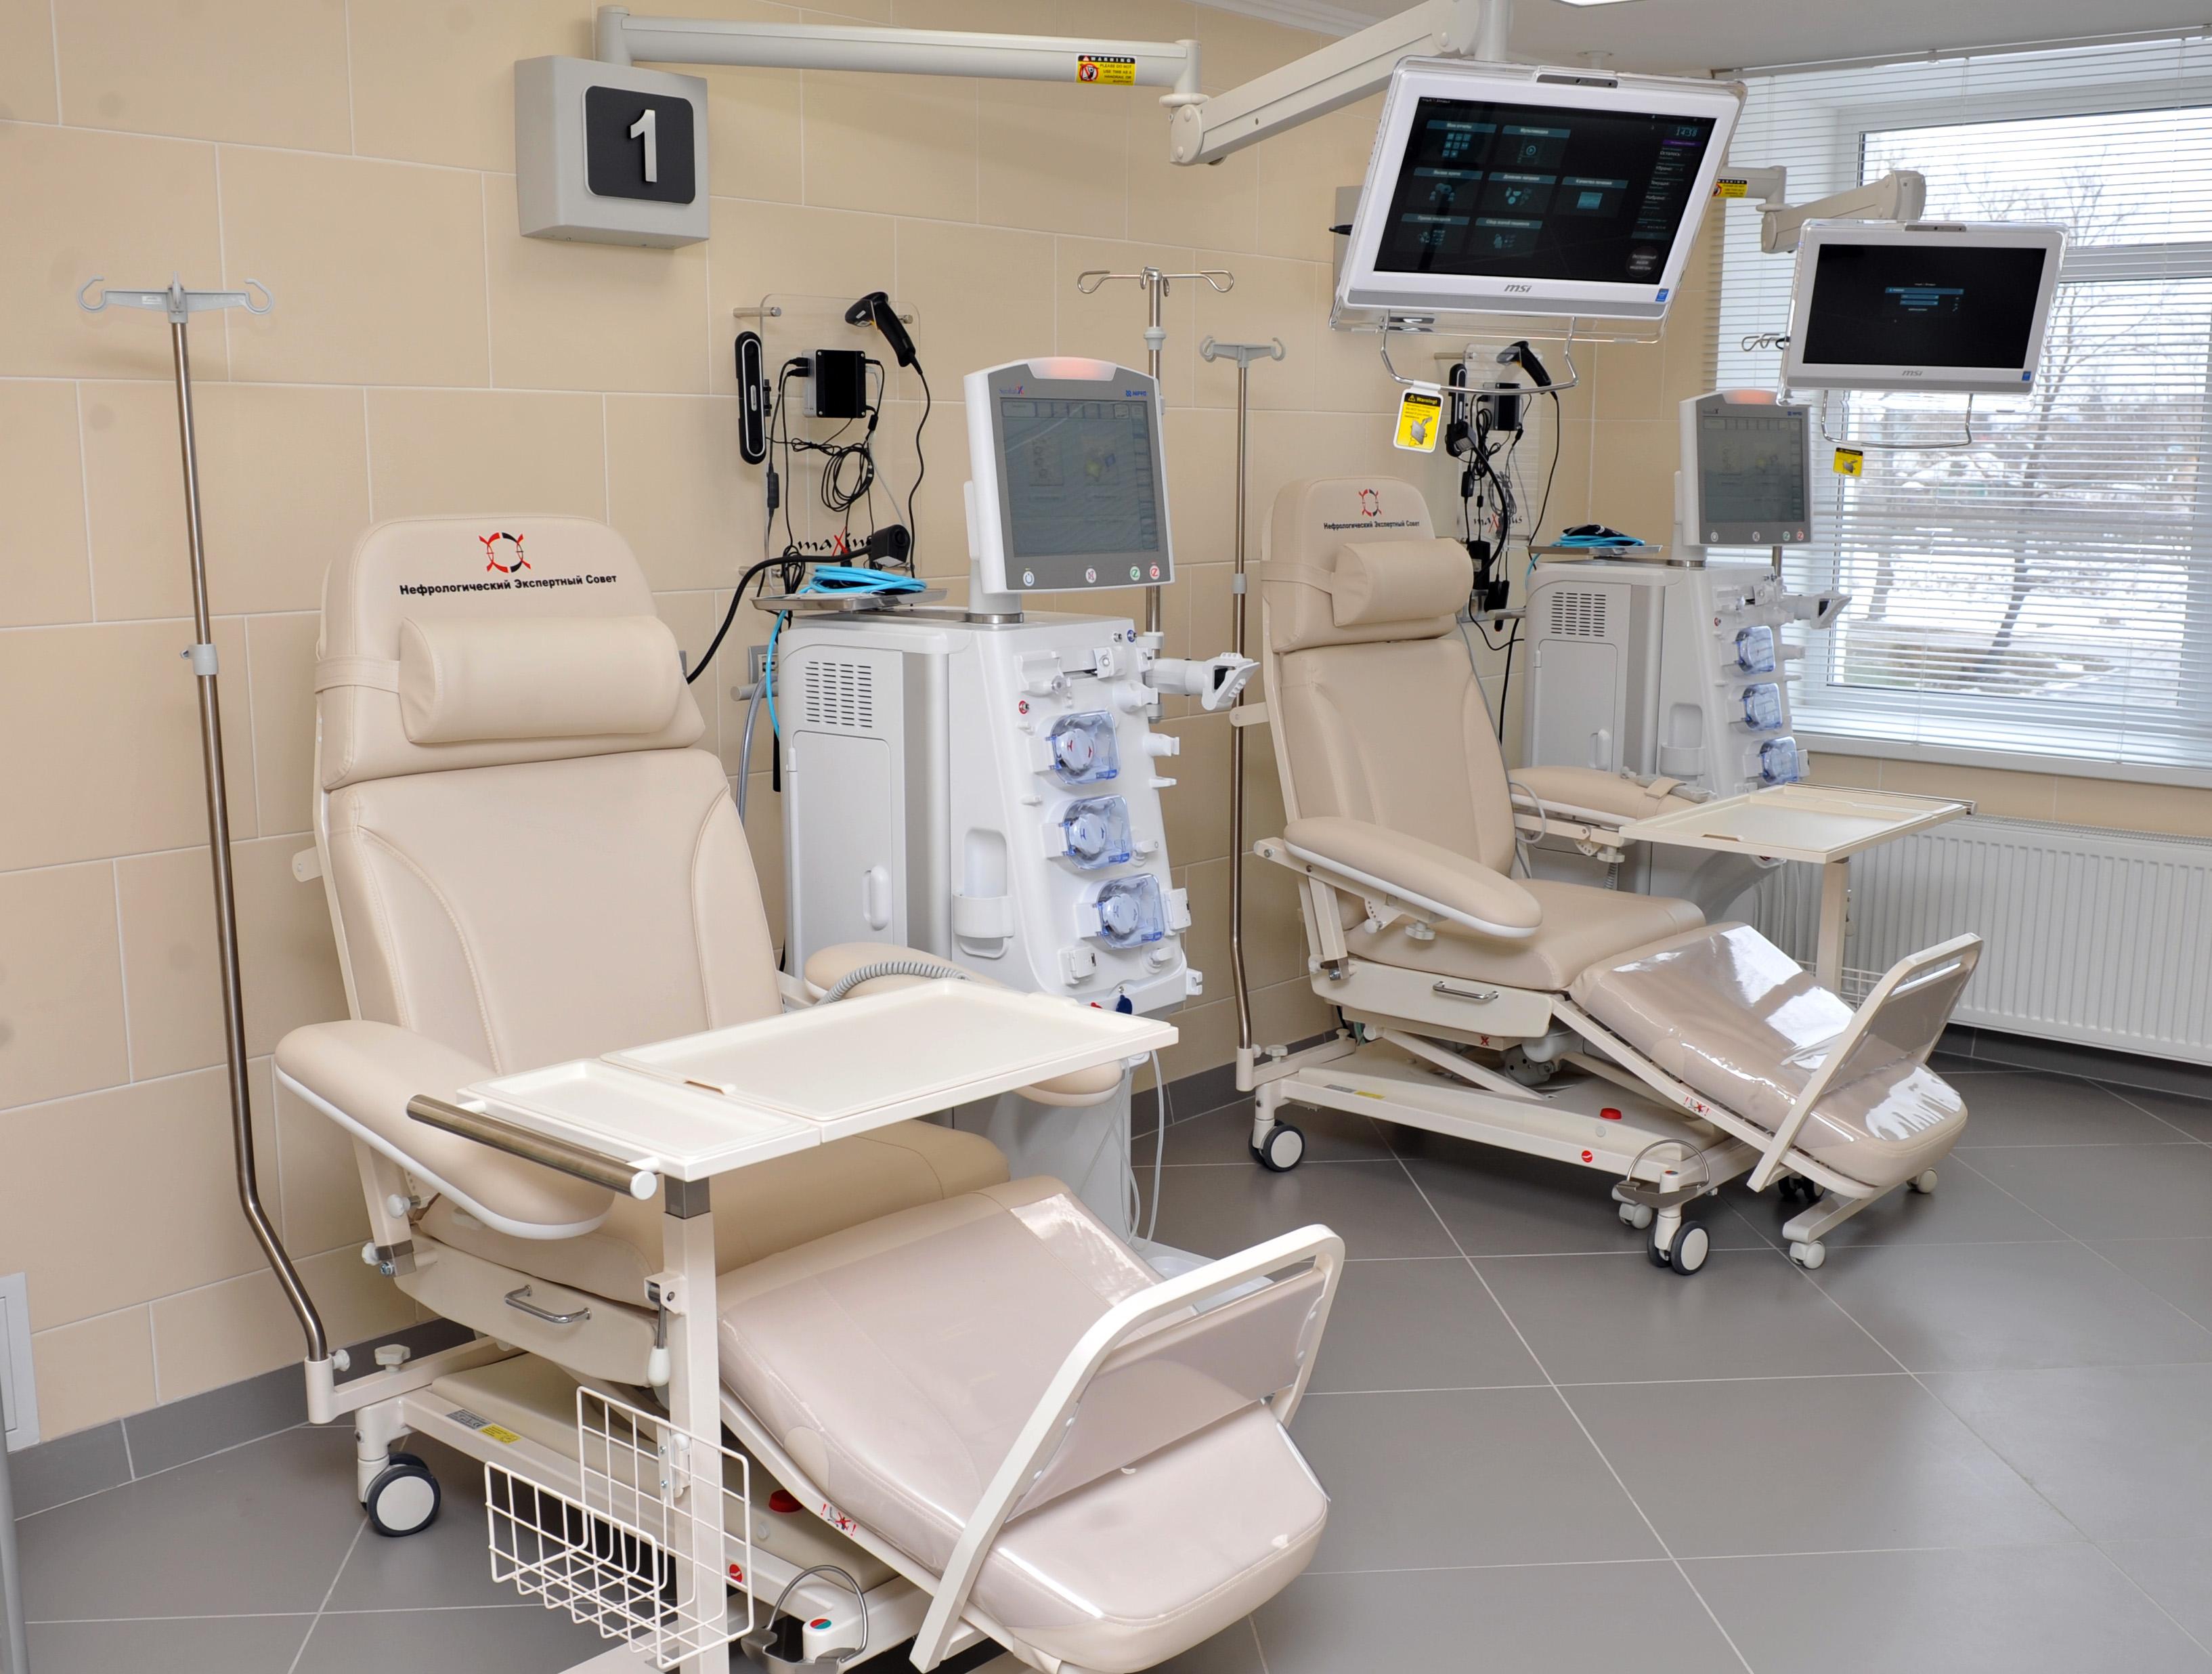 В Омске открылся высокотехнологичный центр нефрологии и гемодиализа